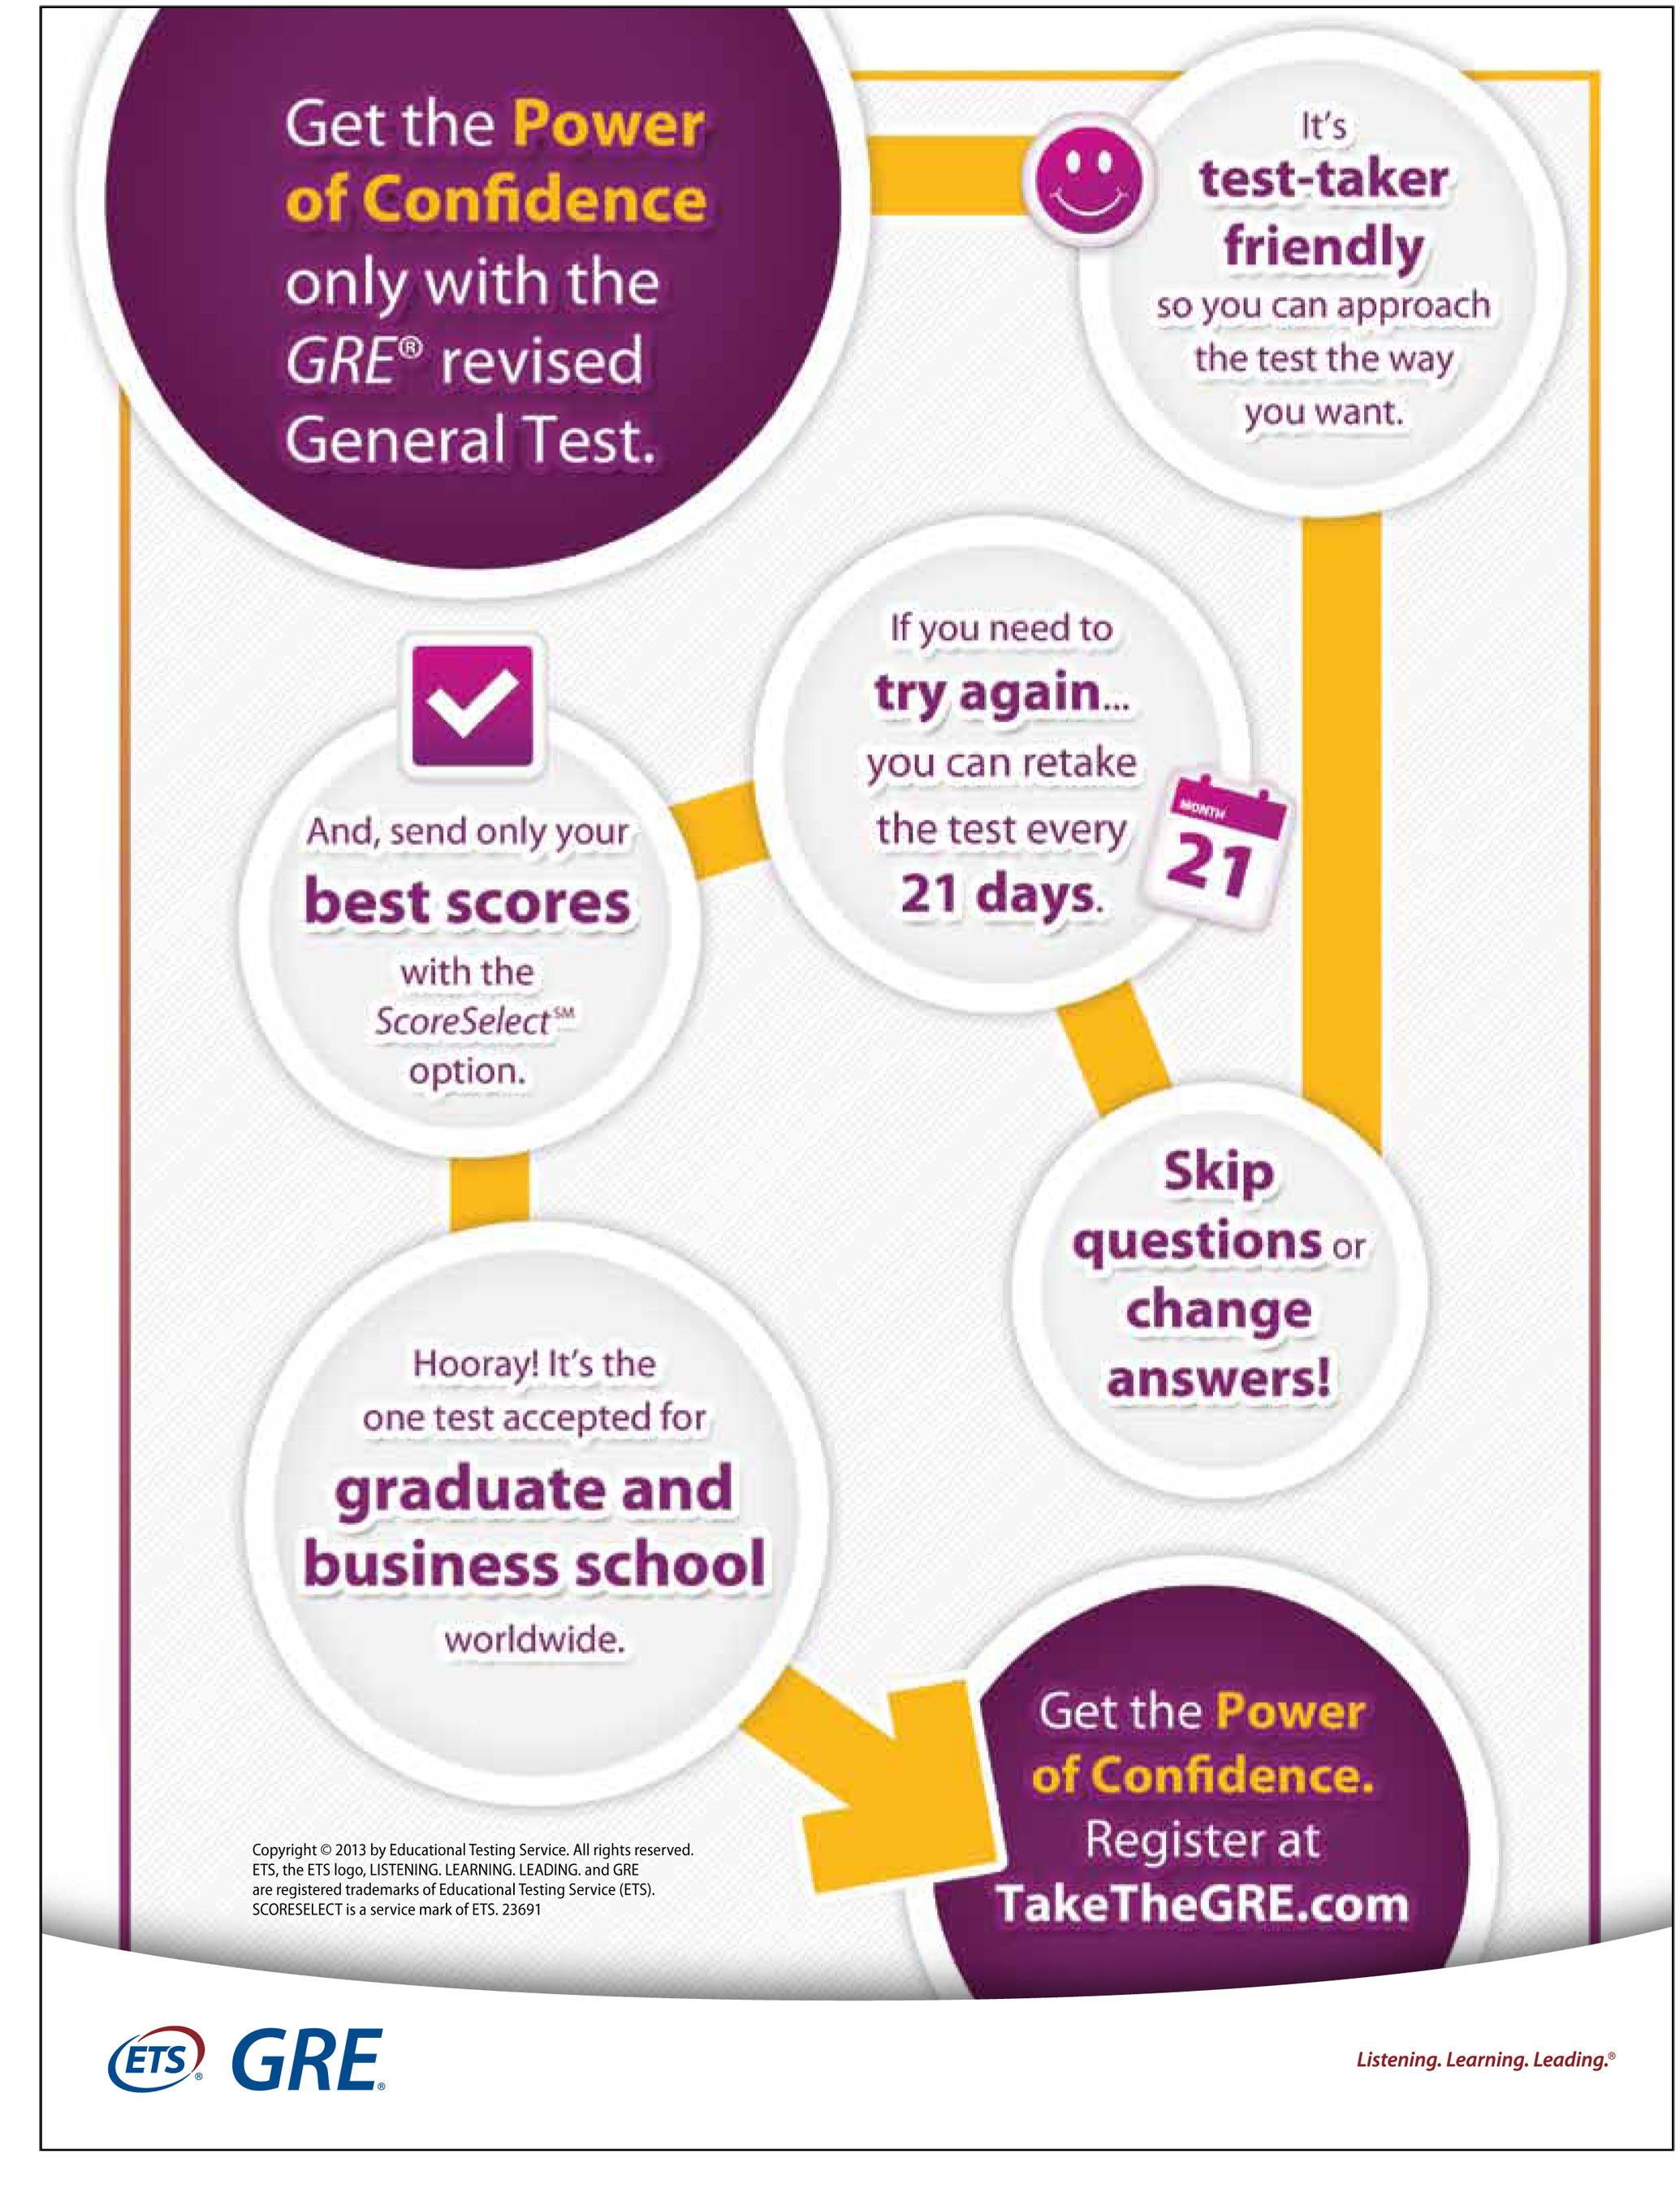 La popularité des tests GRE® continue à augmenter auprès des étudiants en commerce et à l'échelle